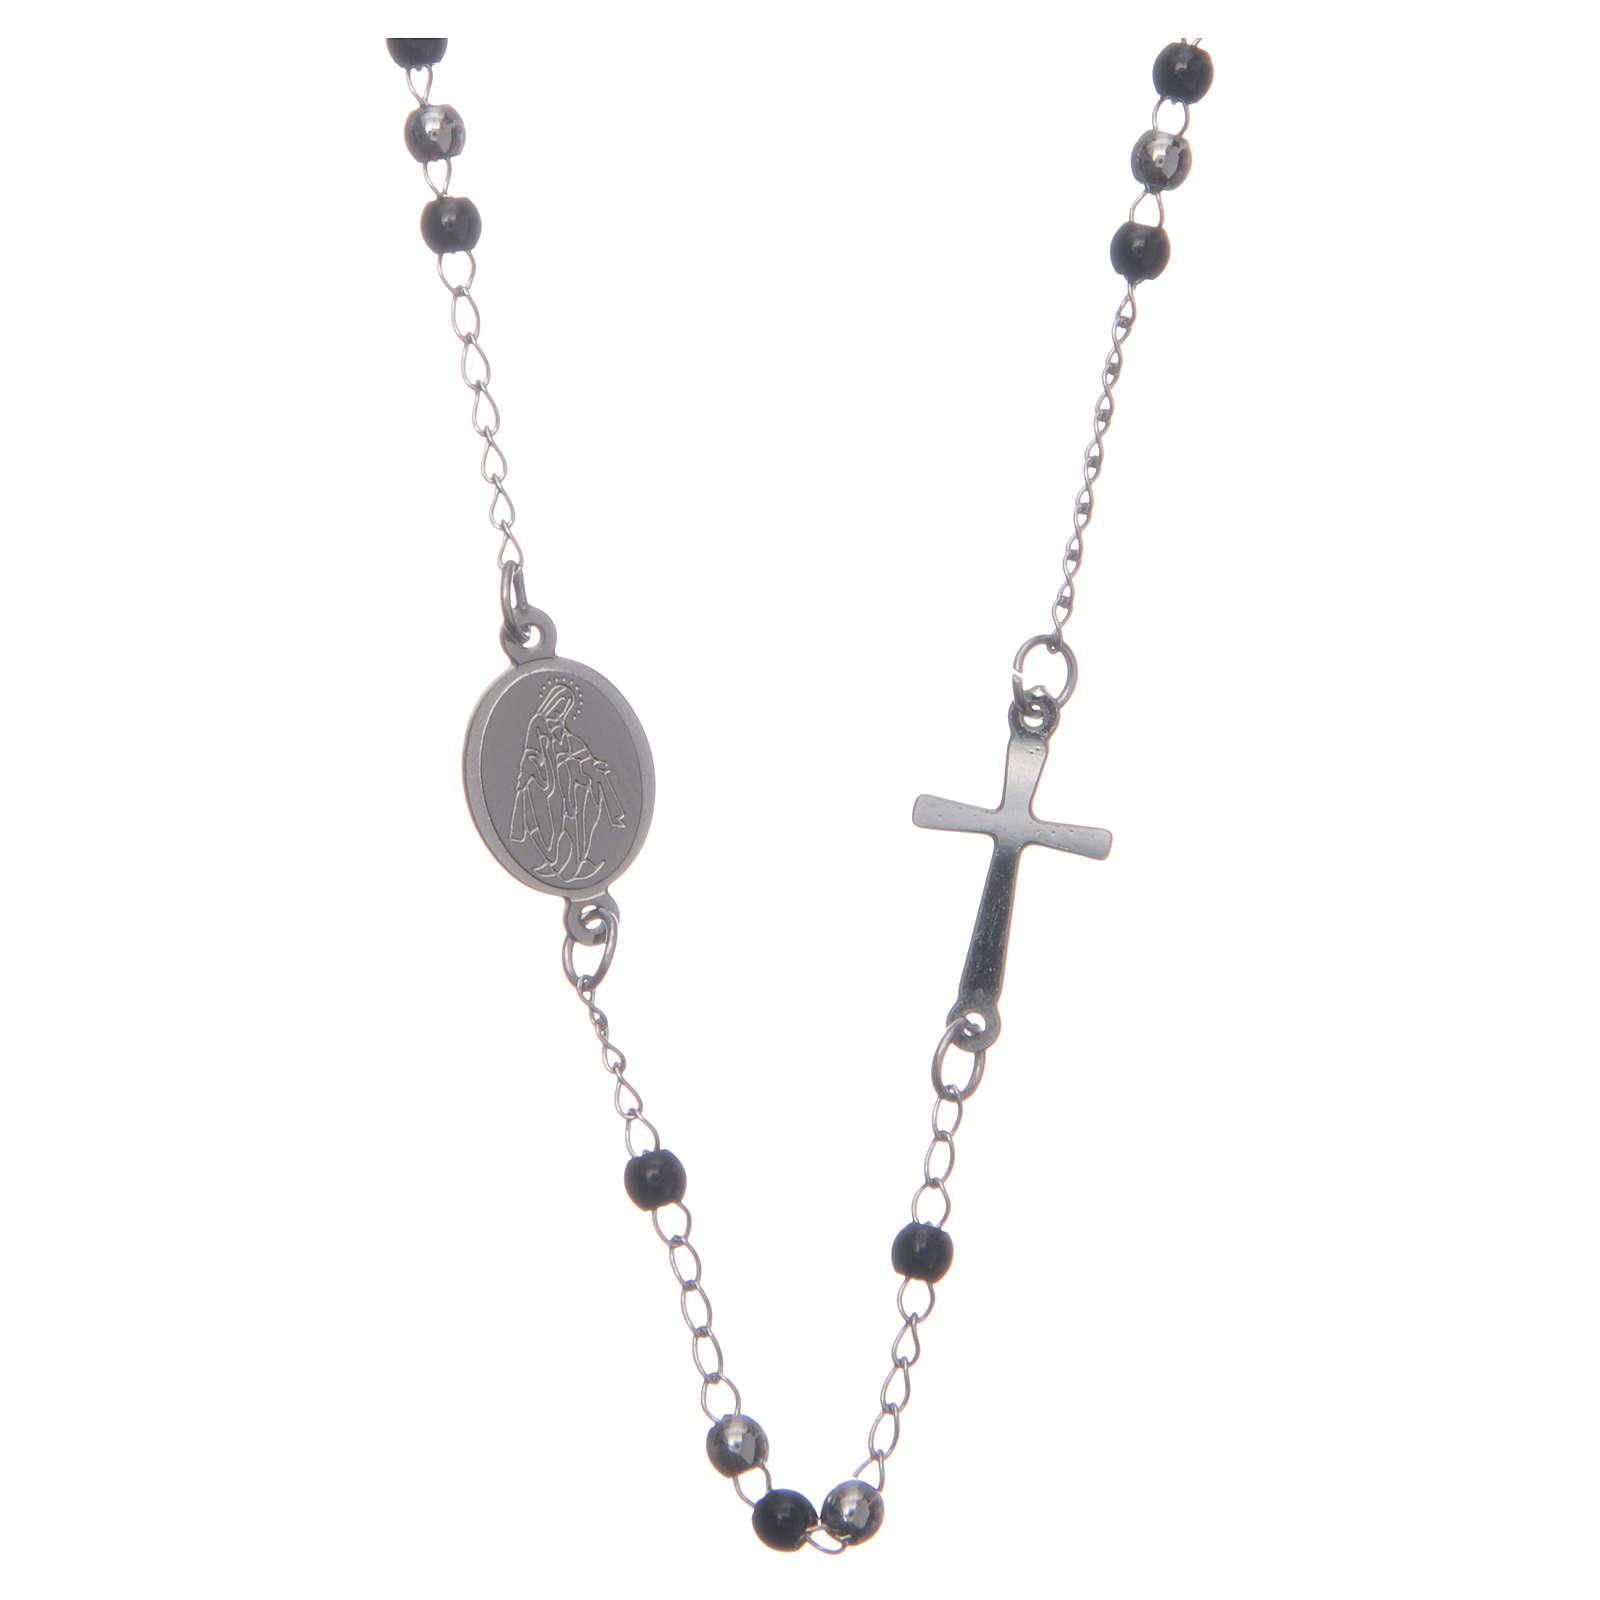 Rosario collar cuello redondo color silver y negro de acero 316L 4